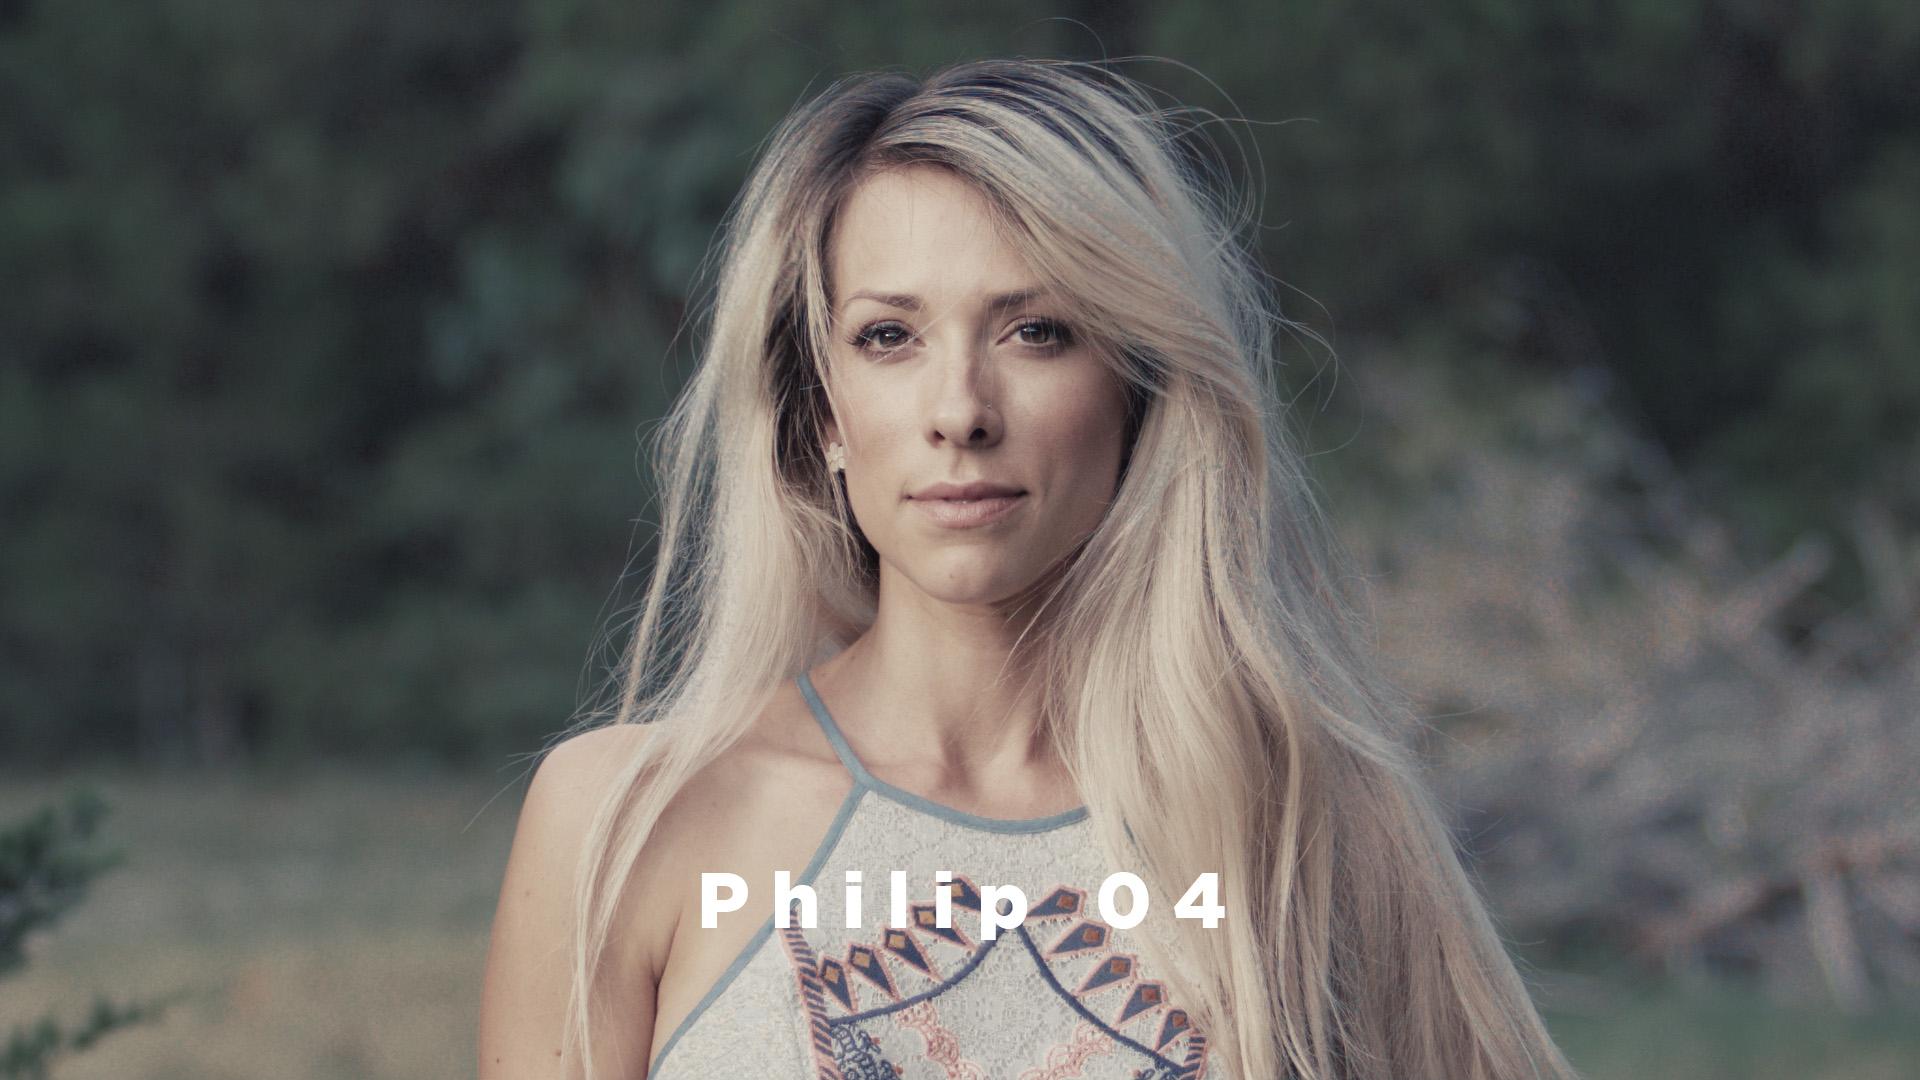 Philip 04.jpg